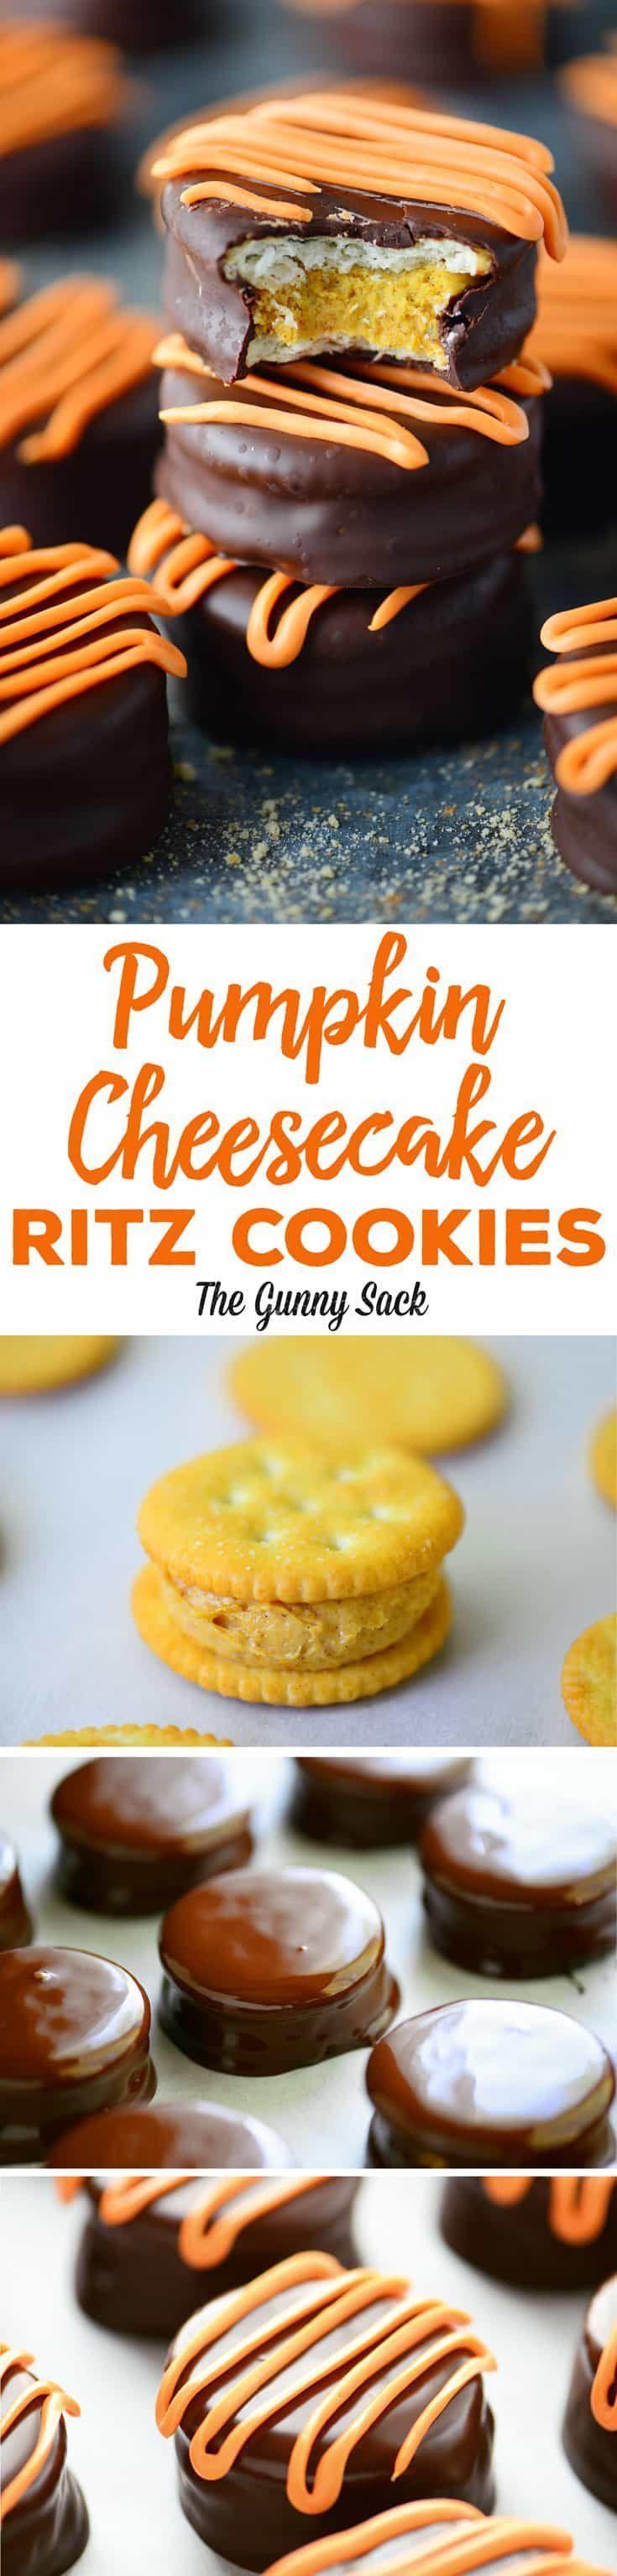 #cheesecake #Cookies #Crackers #Pumpkin #Ritz #Tru…